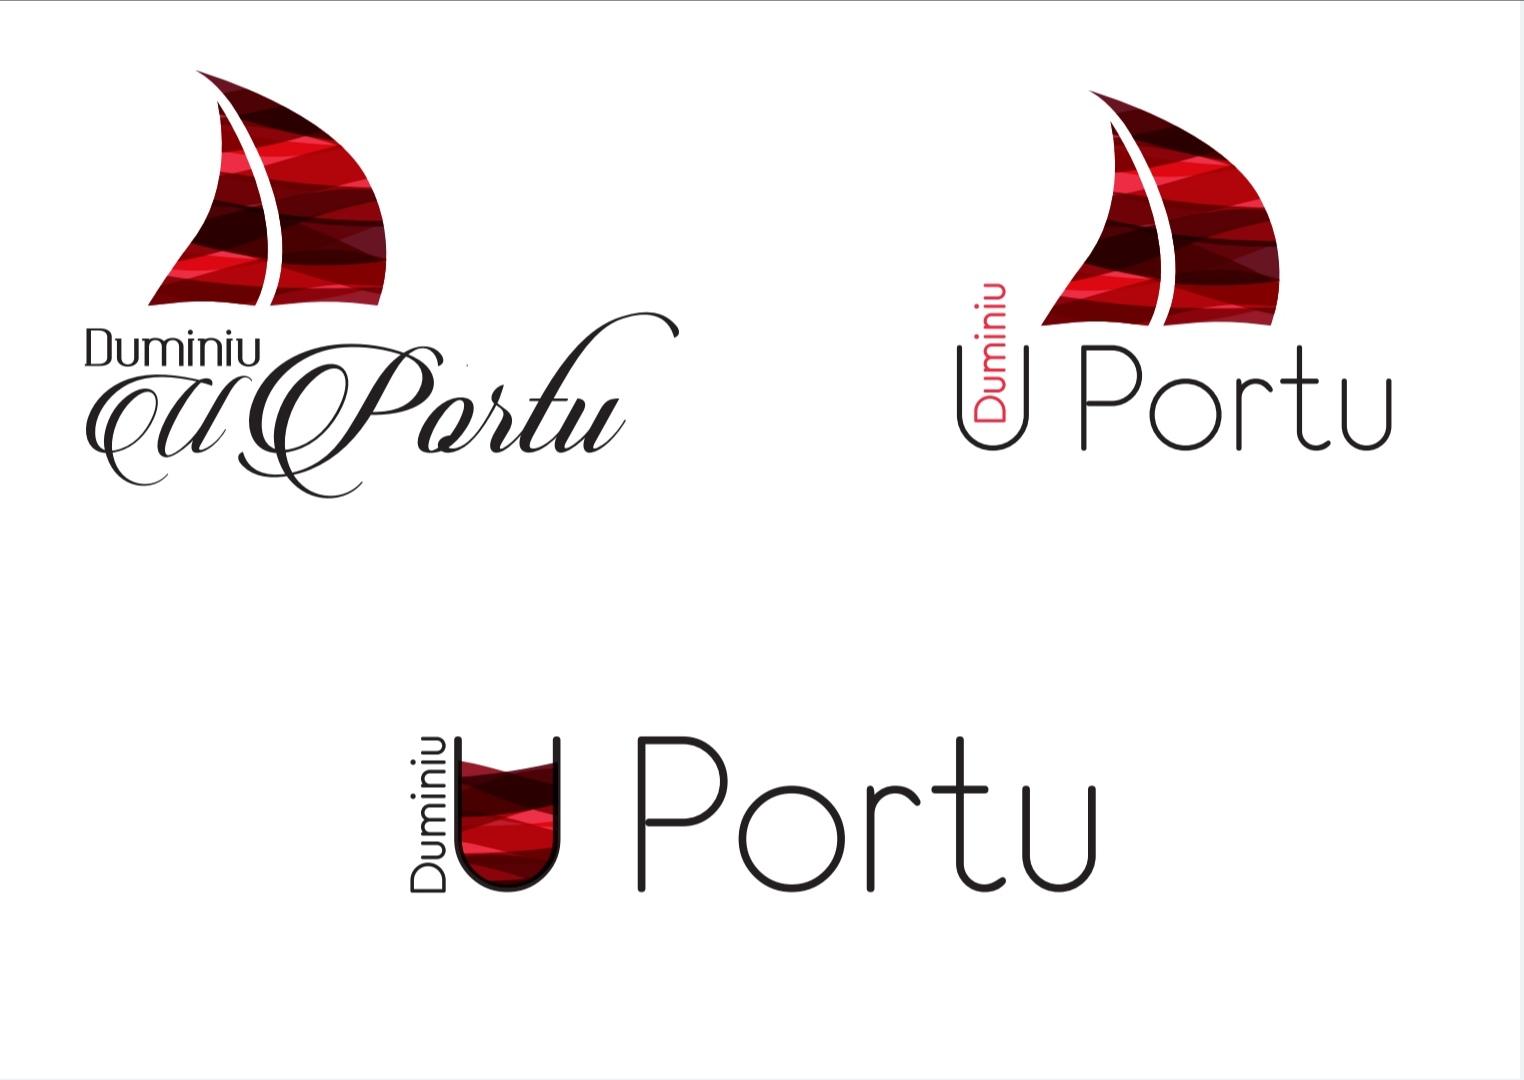 Logo-Duminiu-u-portu-4